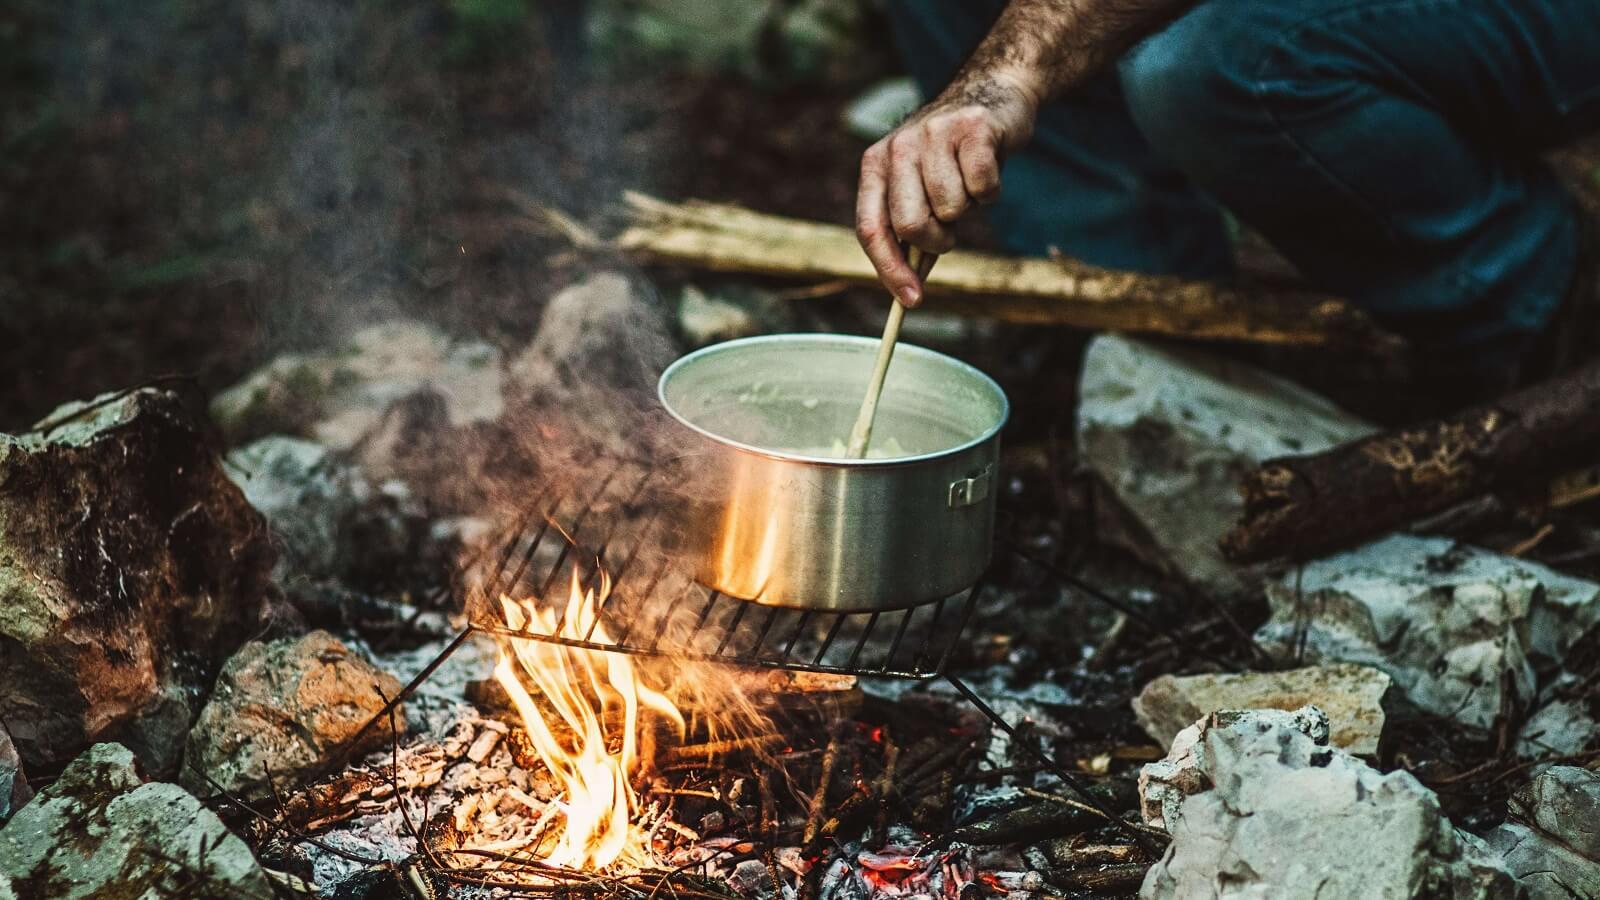 Campingküche - Tipps und Rezepte von Bloggern für draußen